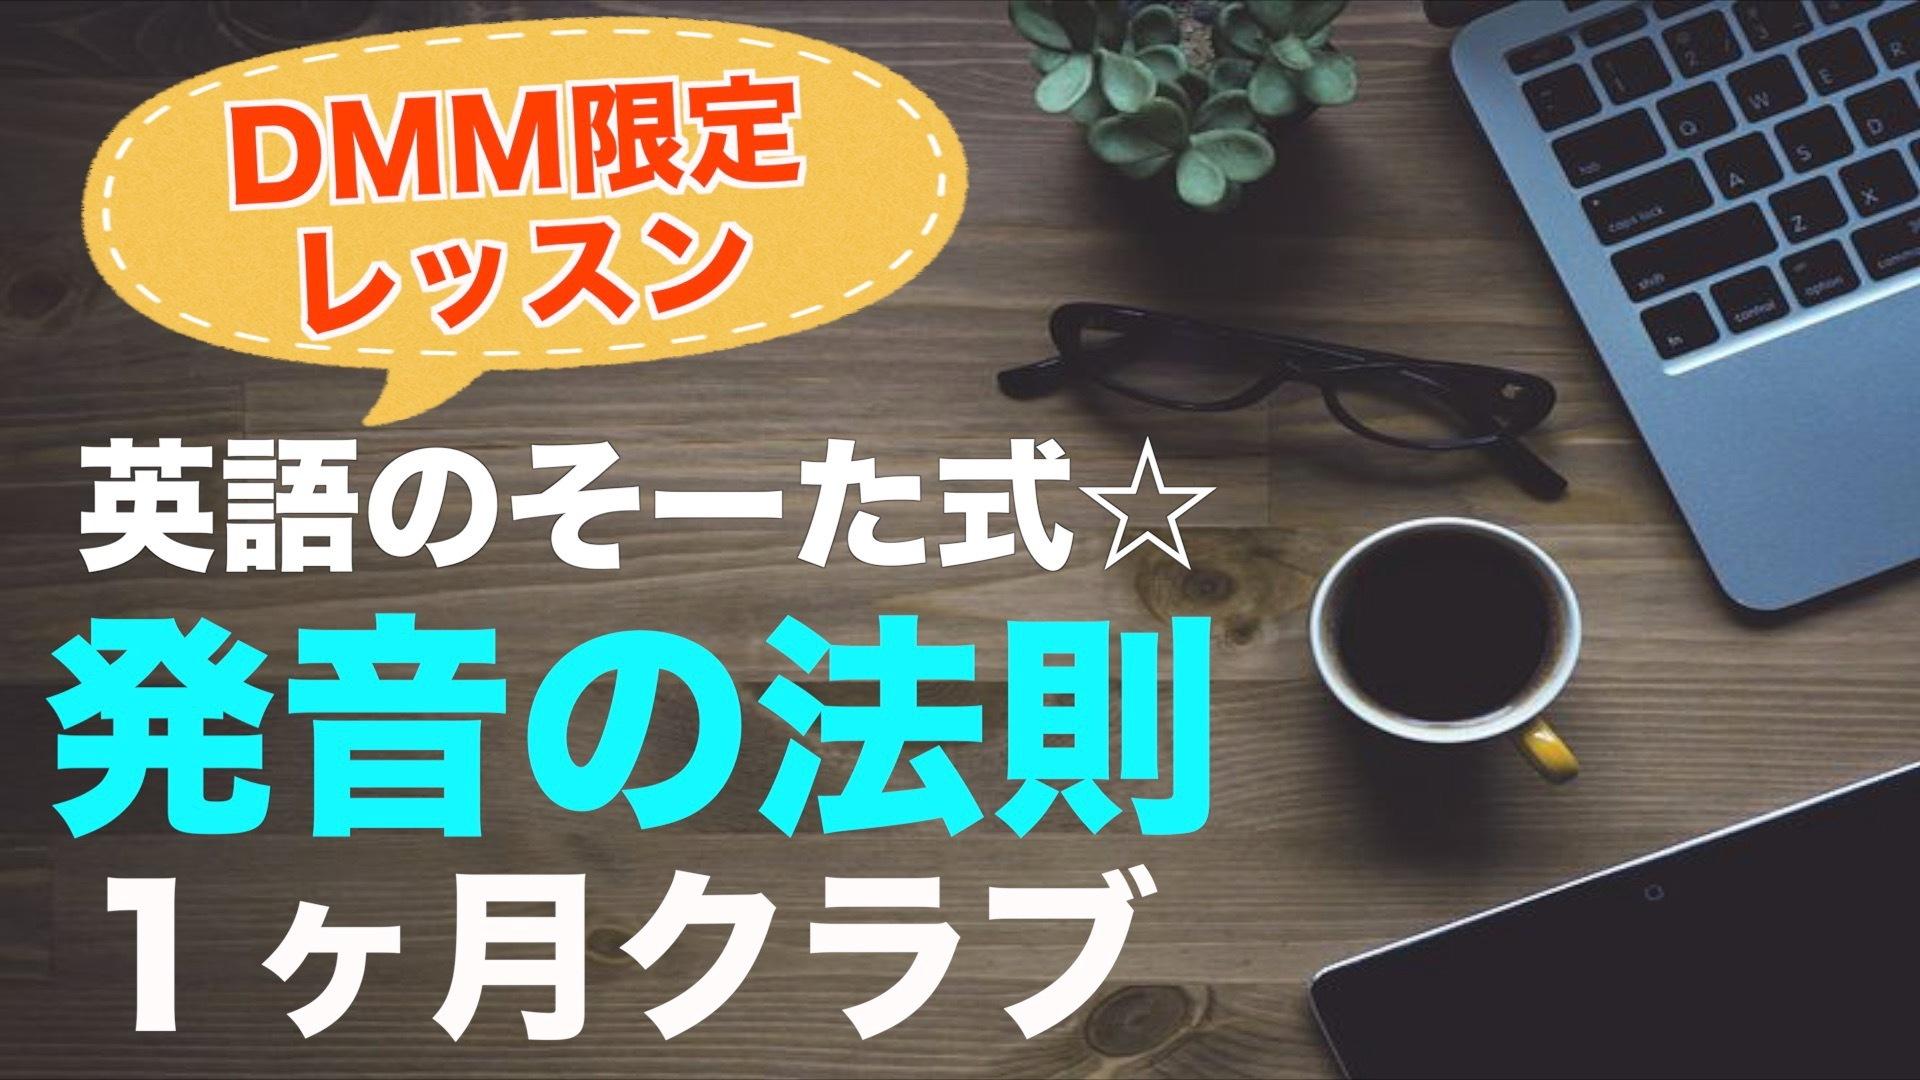 英語のそーた - 英語のそーた式☆発音の法則☆1ヶ月クラブ - DMM オンラインサロン